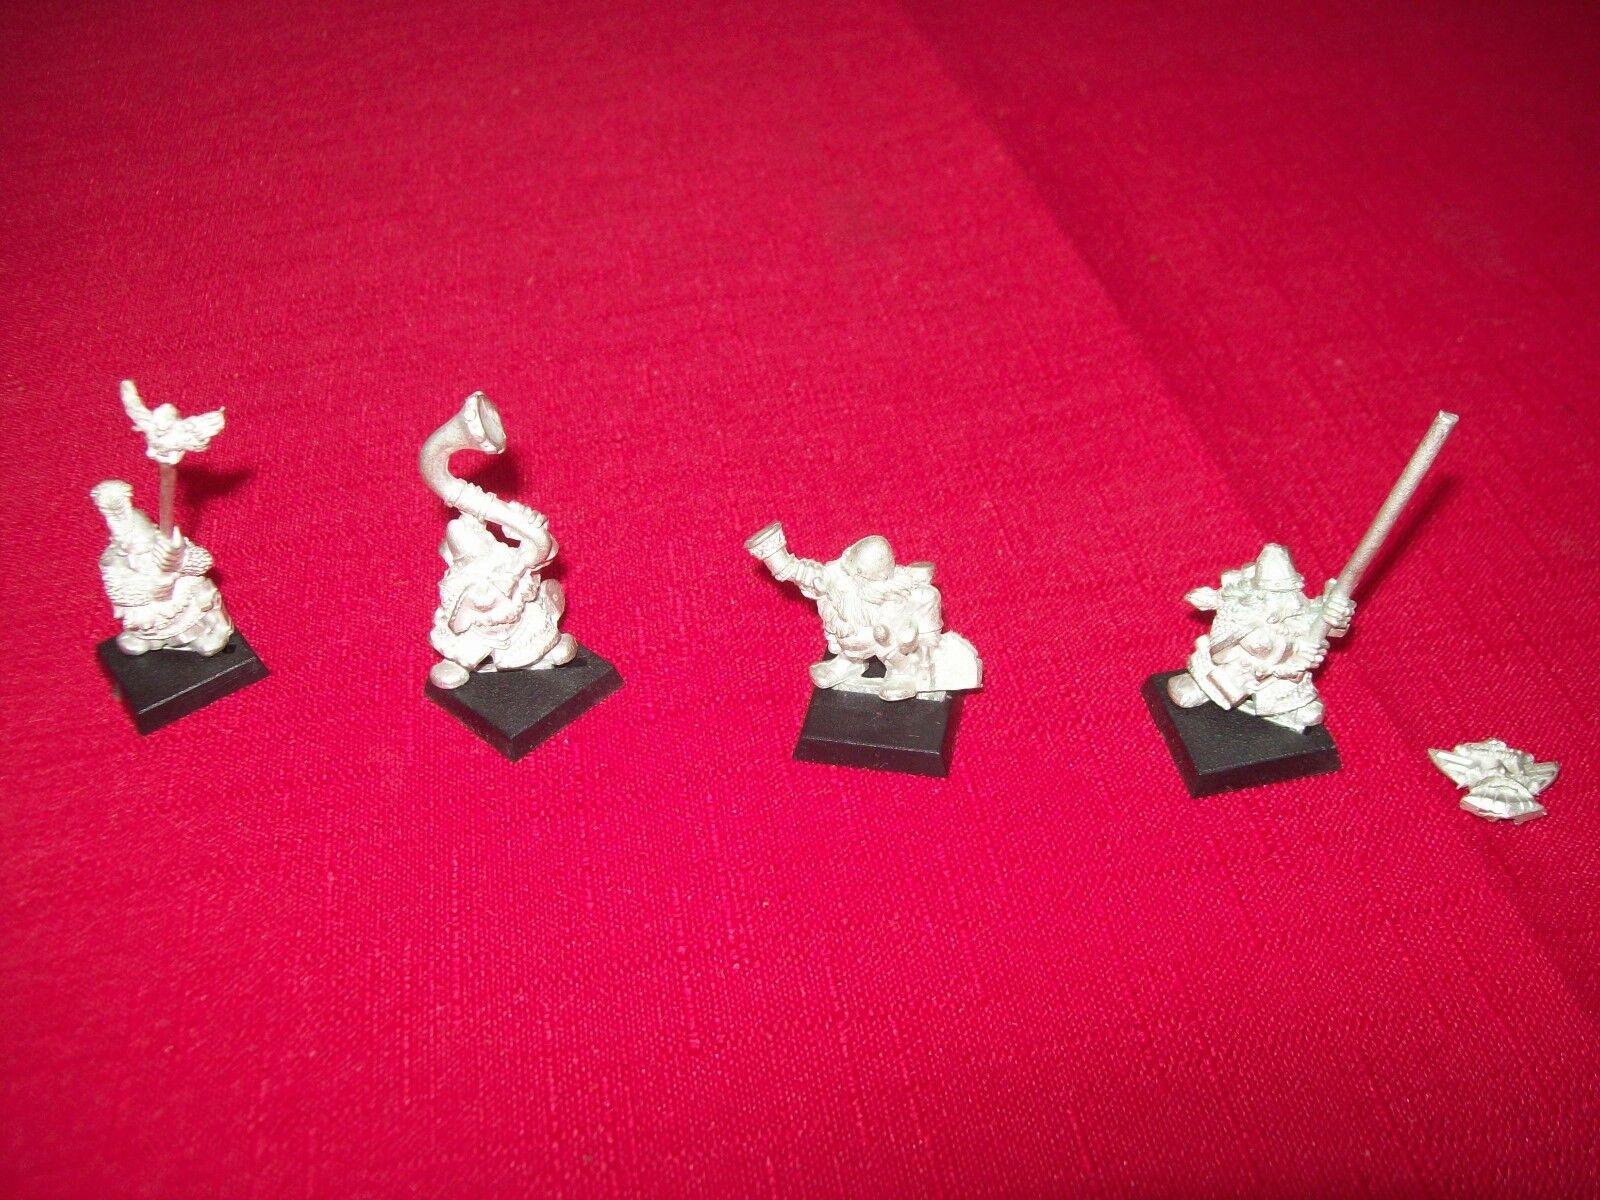 Warhammer Dwarf Hammerers Command Group Standard Bearer x 2 and Musicians x 2 -